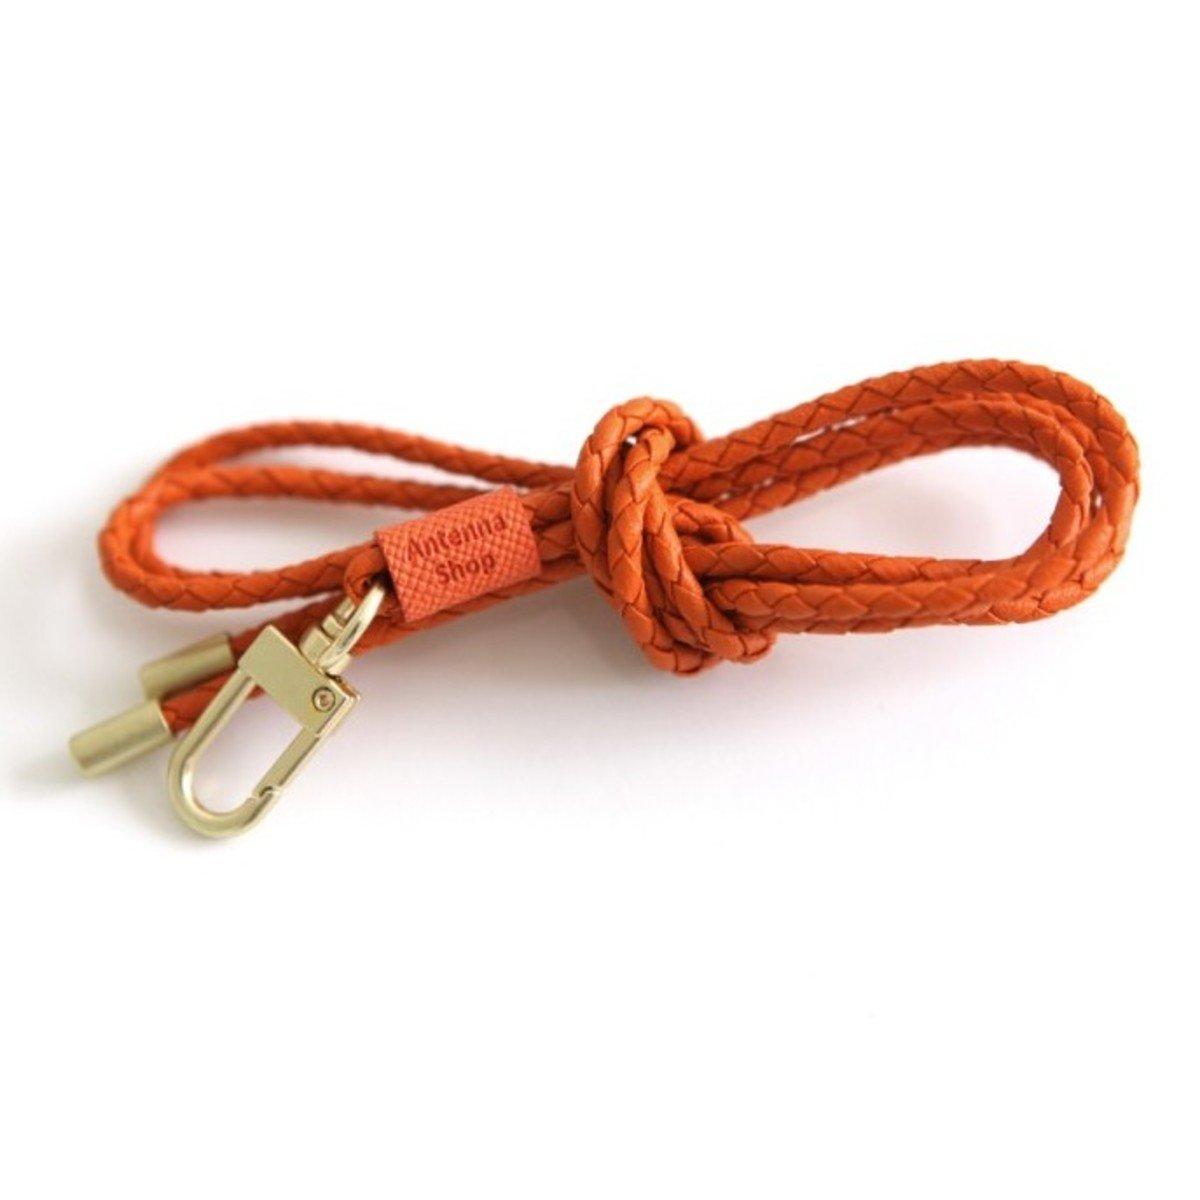 Tie Neck Strap 掛繩 - Orange